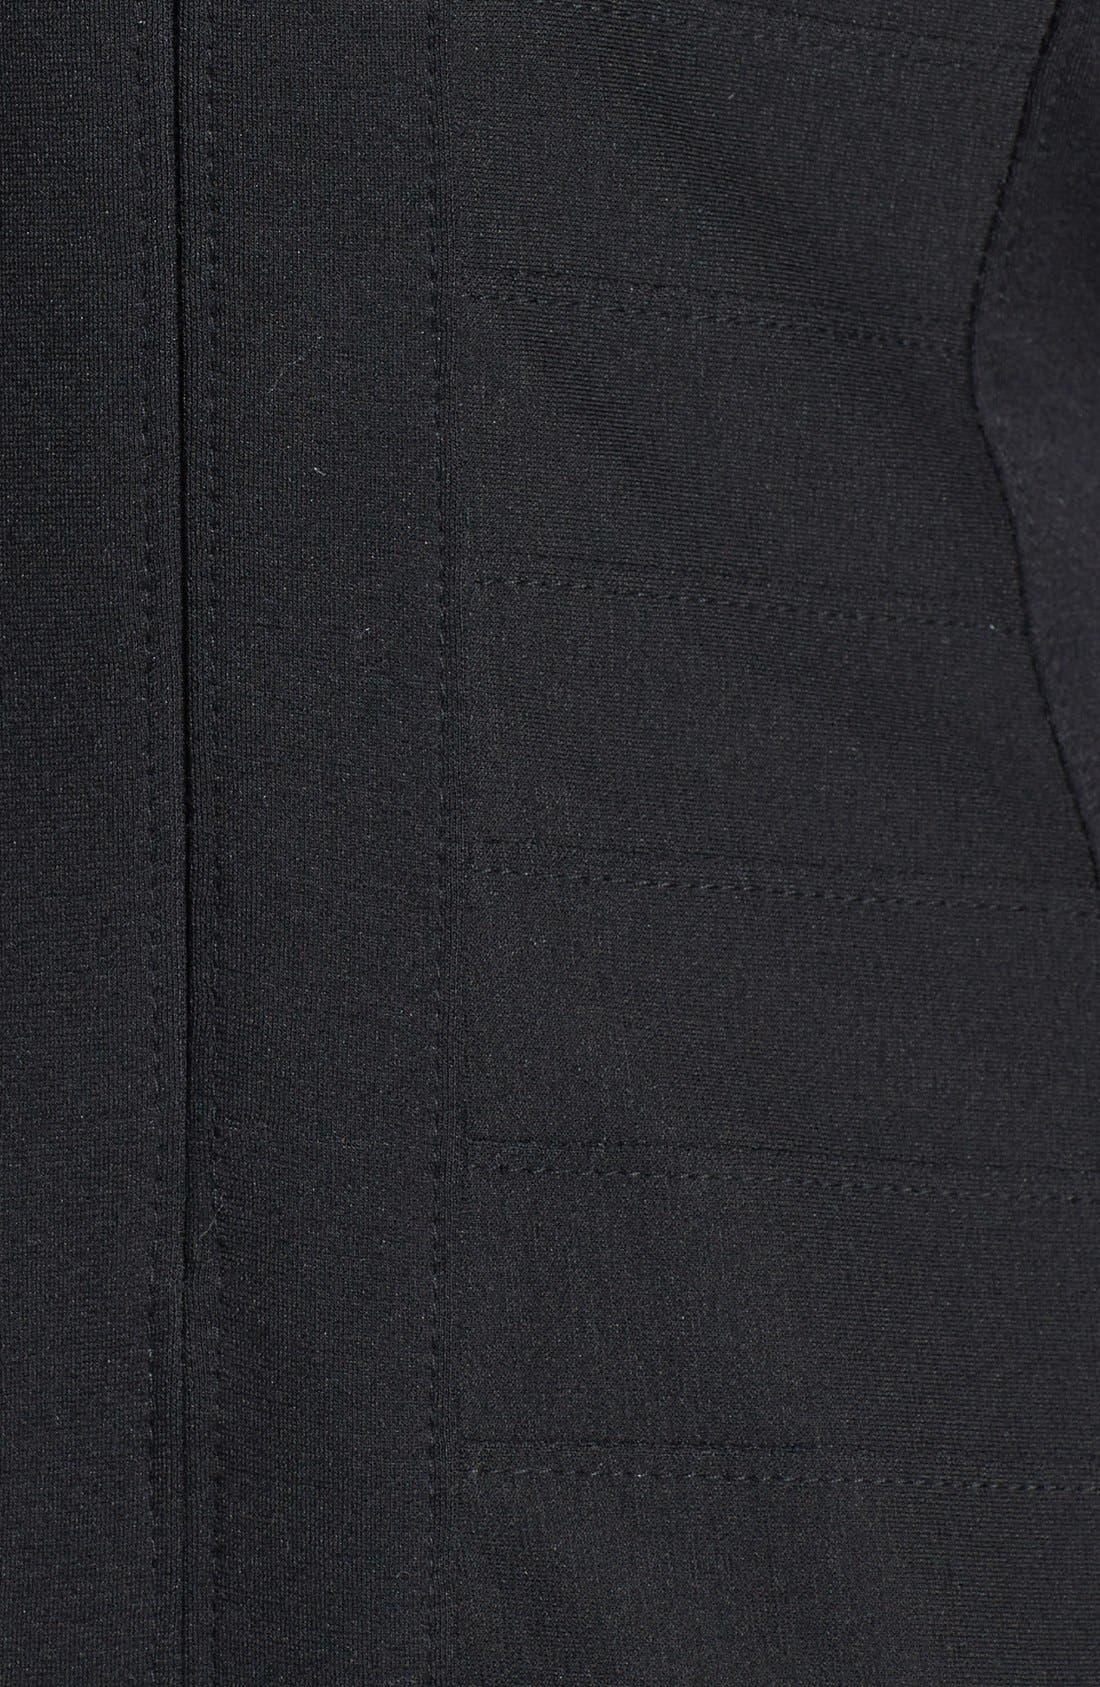 Alternate Image 3  - T by Tadashi Illusion Yoke Stretch Jersey Sheath Dress (Regular & Petite)